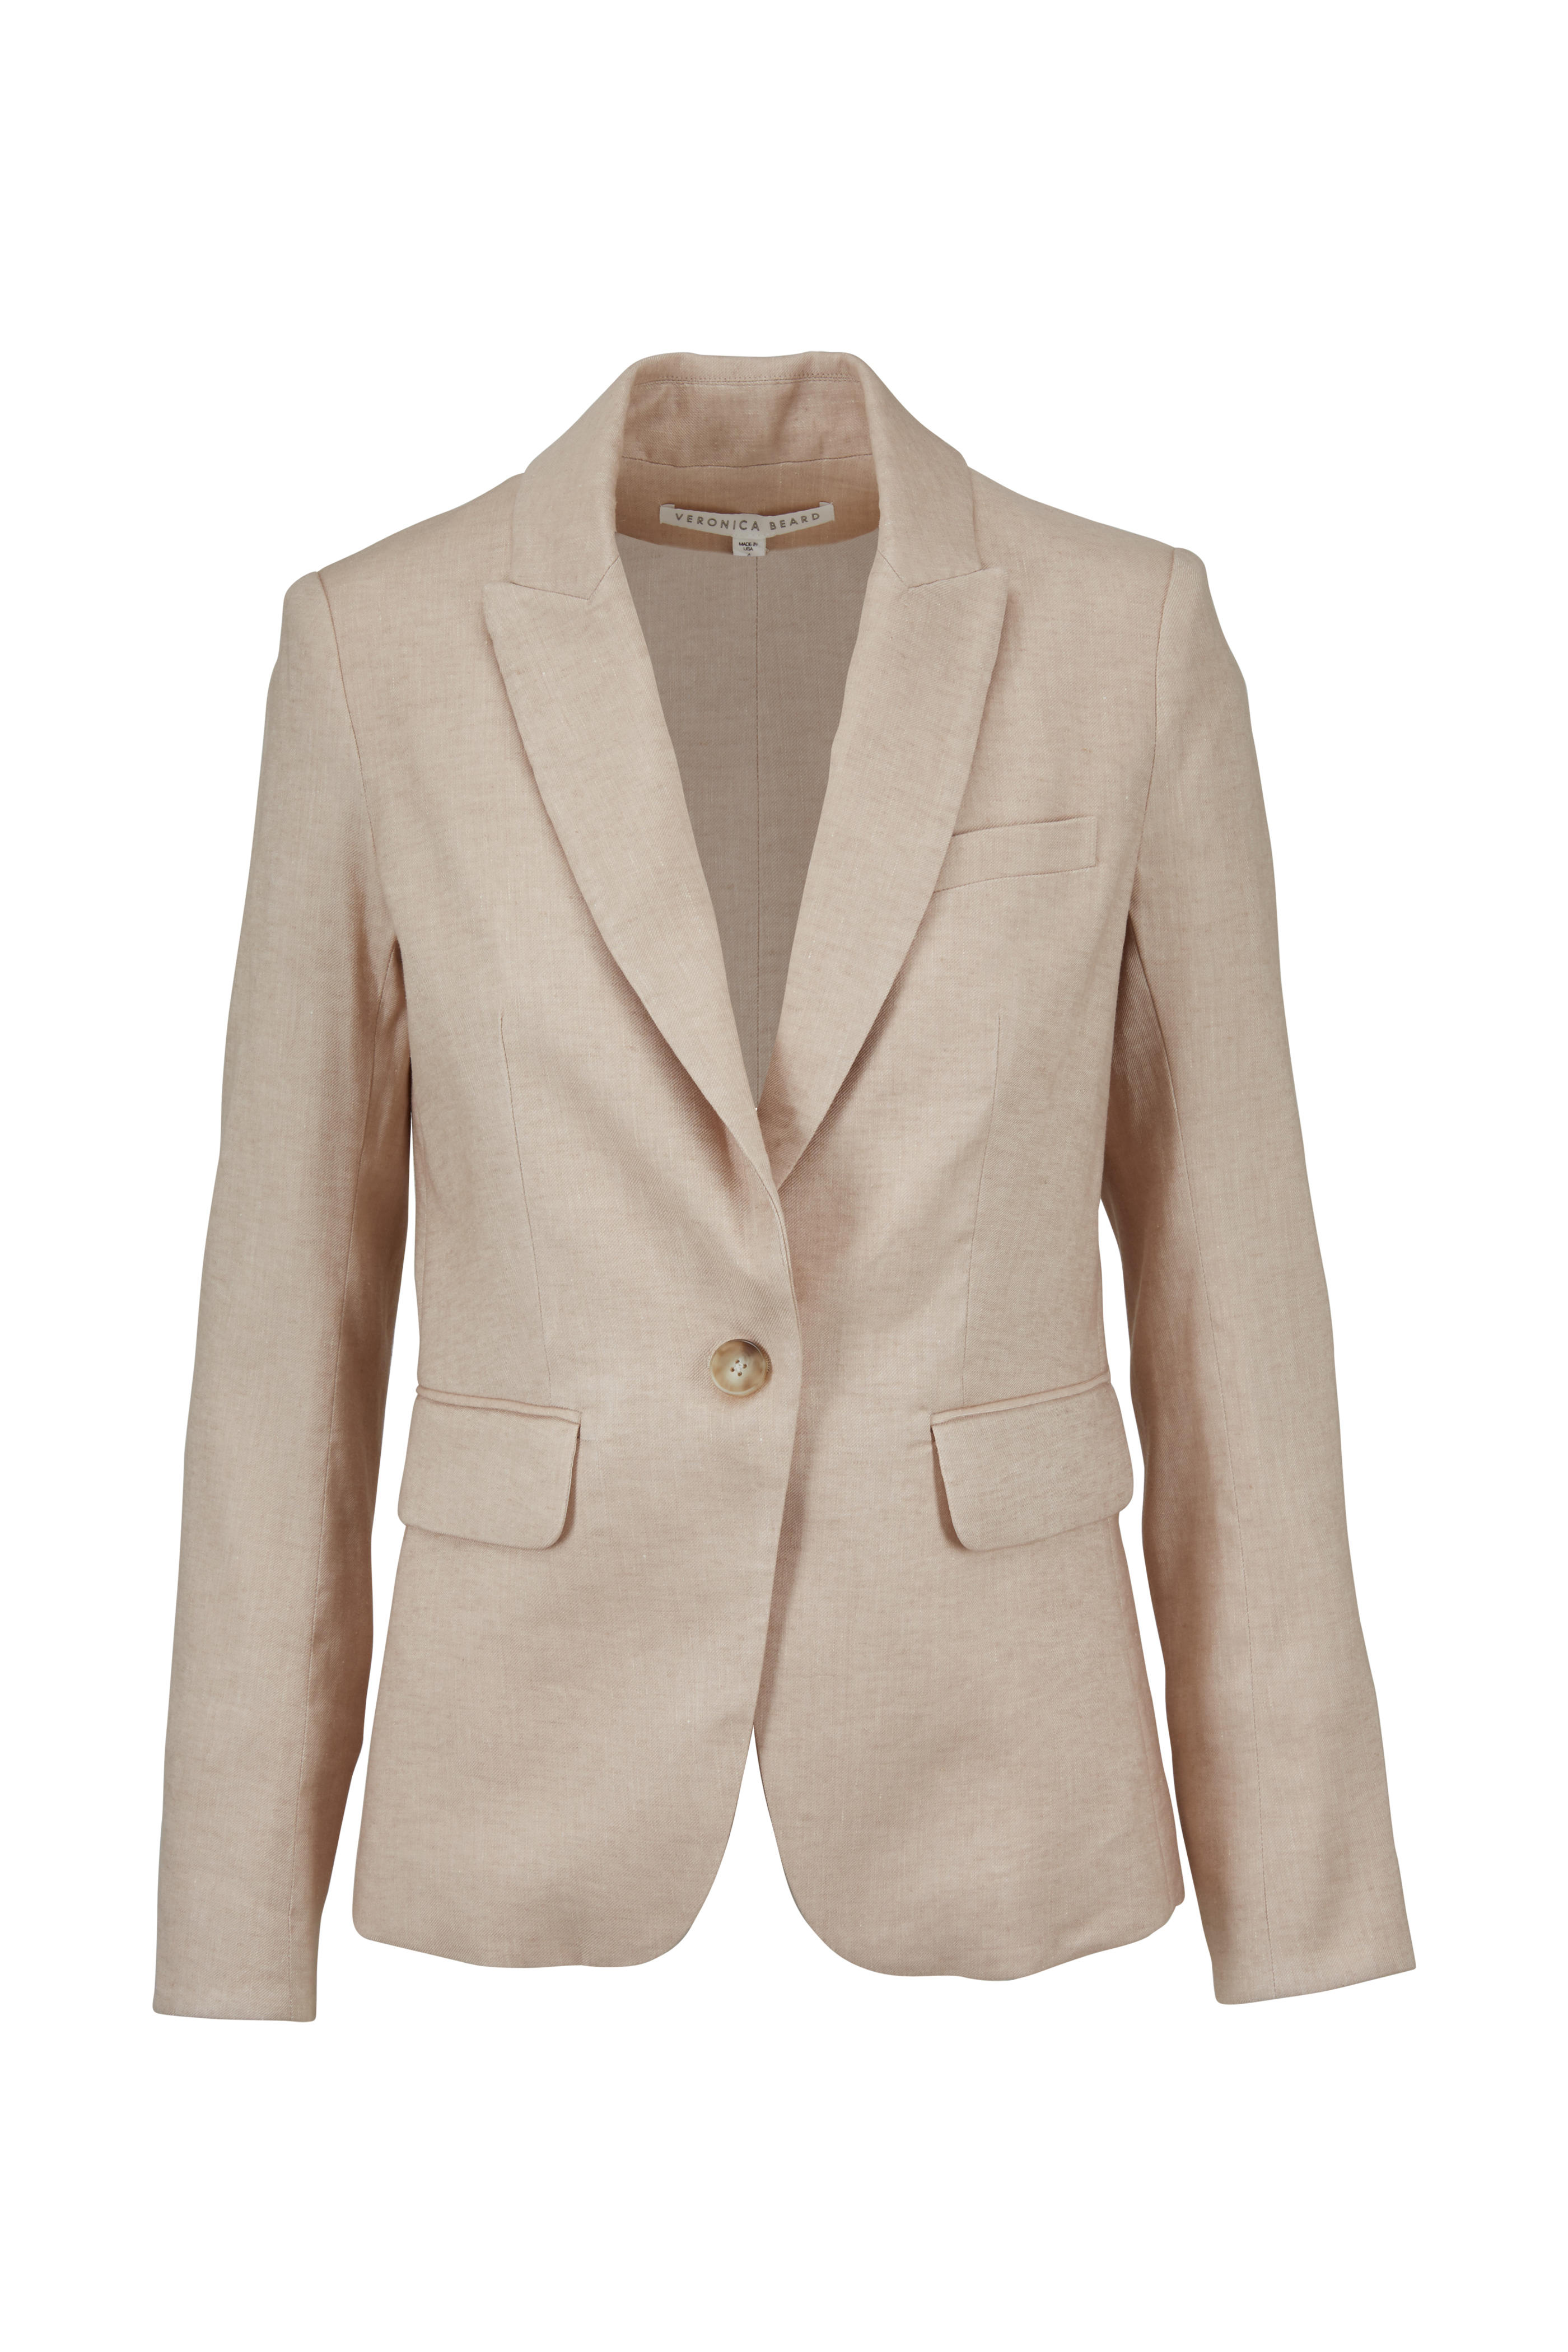 6297644a1ff5 Veronica Beard - Beige Linen Blend Cutaway Jacket | Mitchell Stores